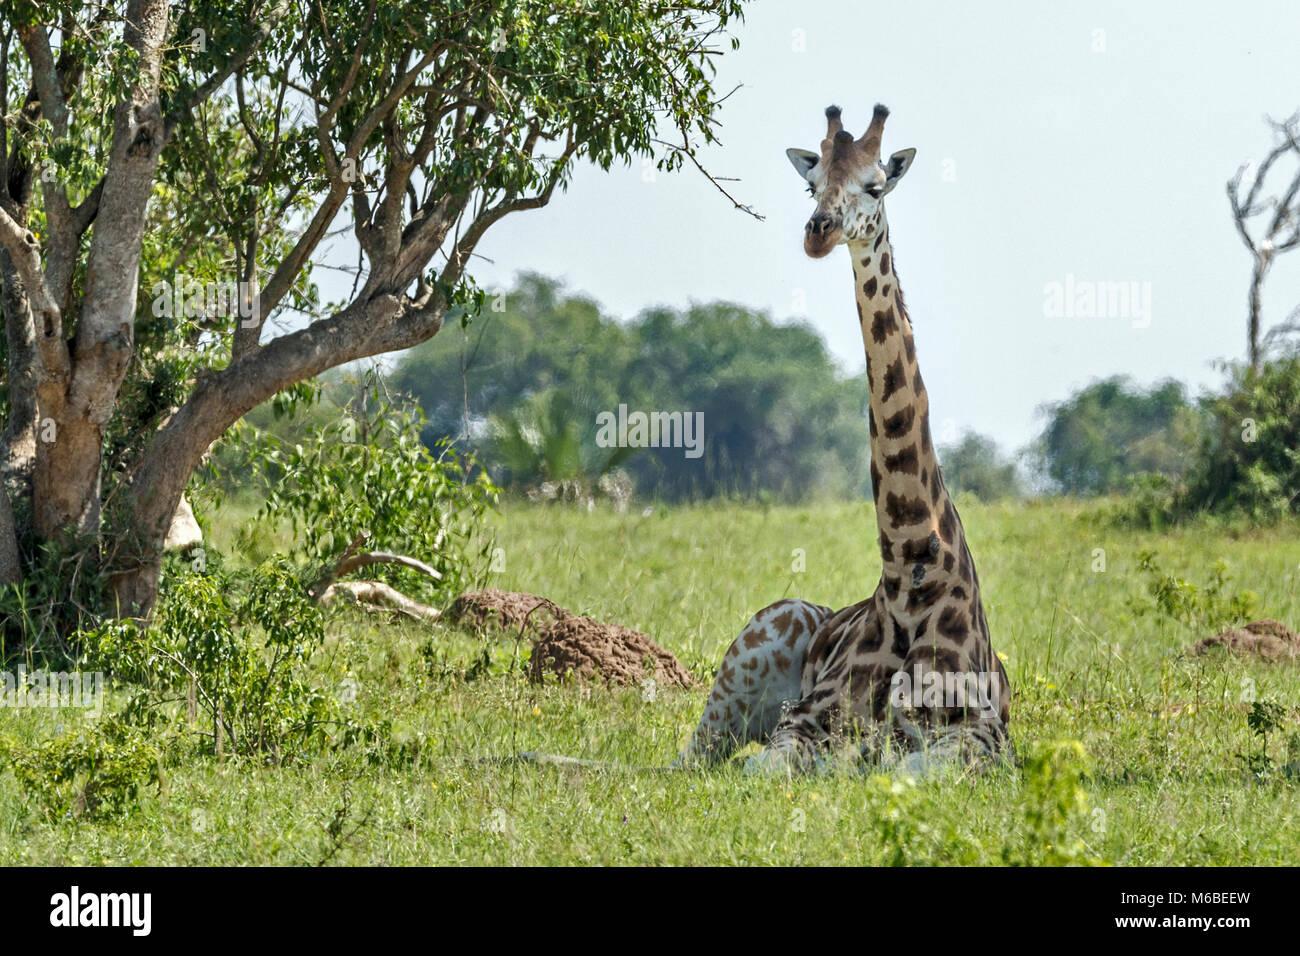 Rothschild's giraffe resting, 'Murchison's Falls National Park', Uganda, Africa - Stock Image